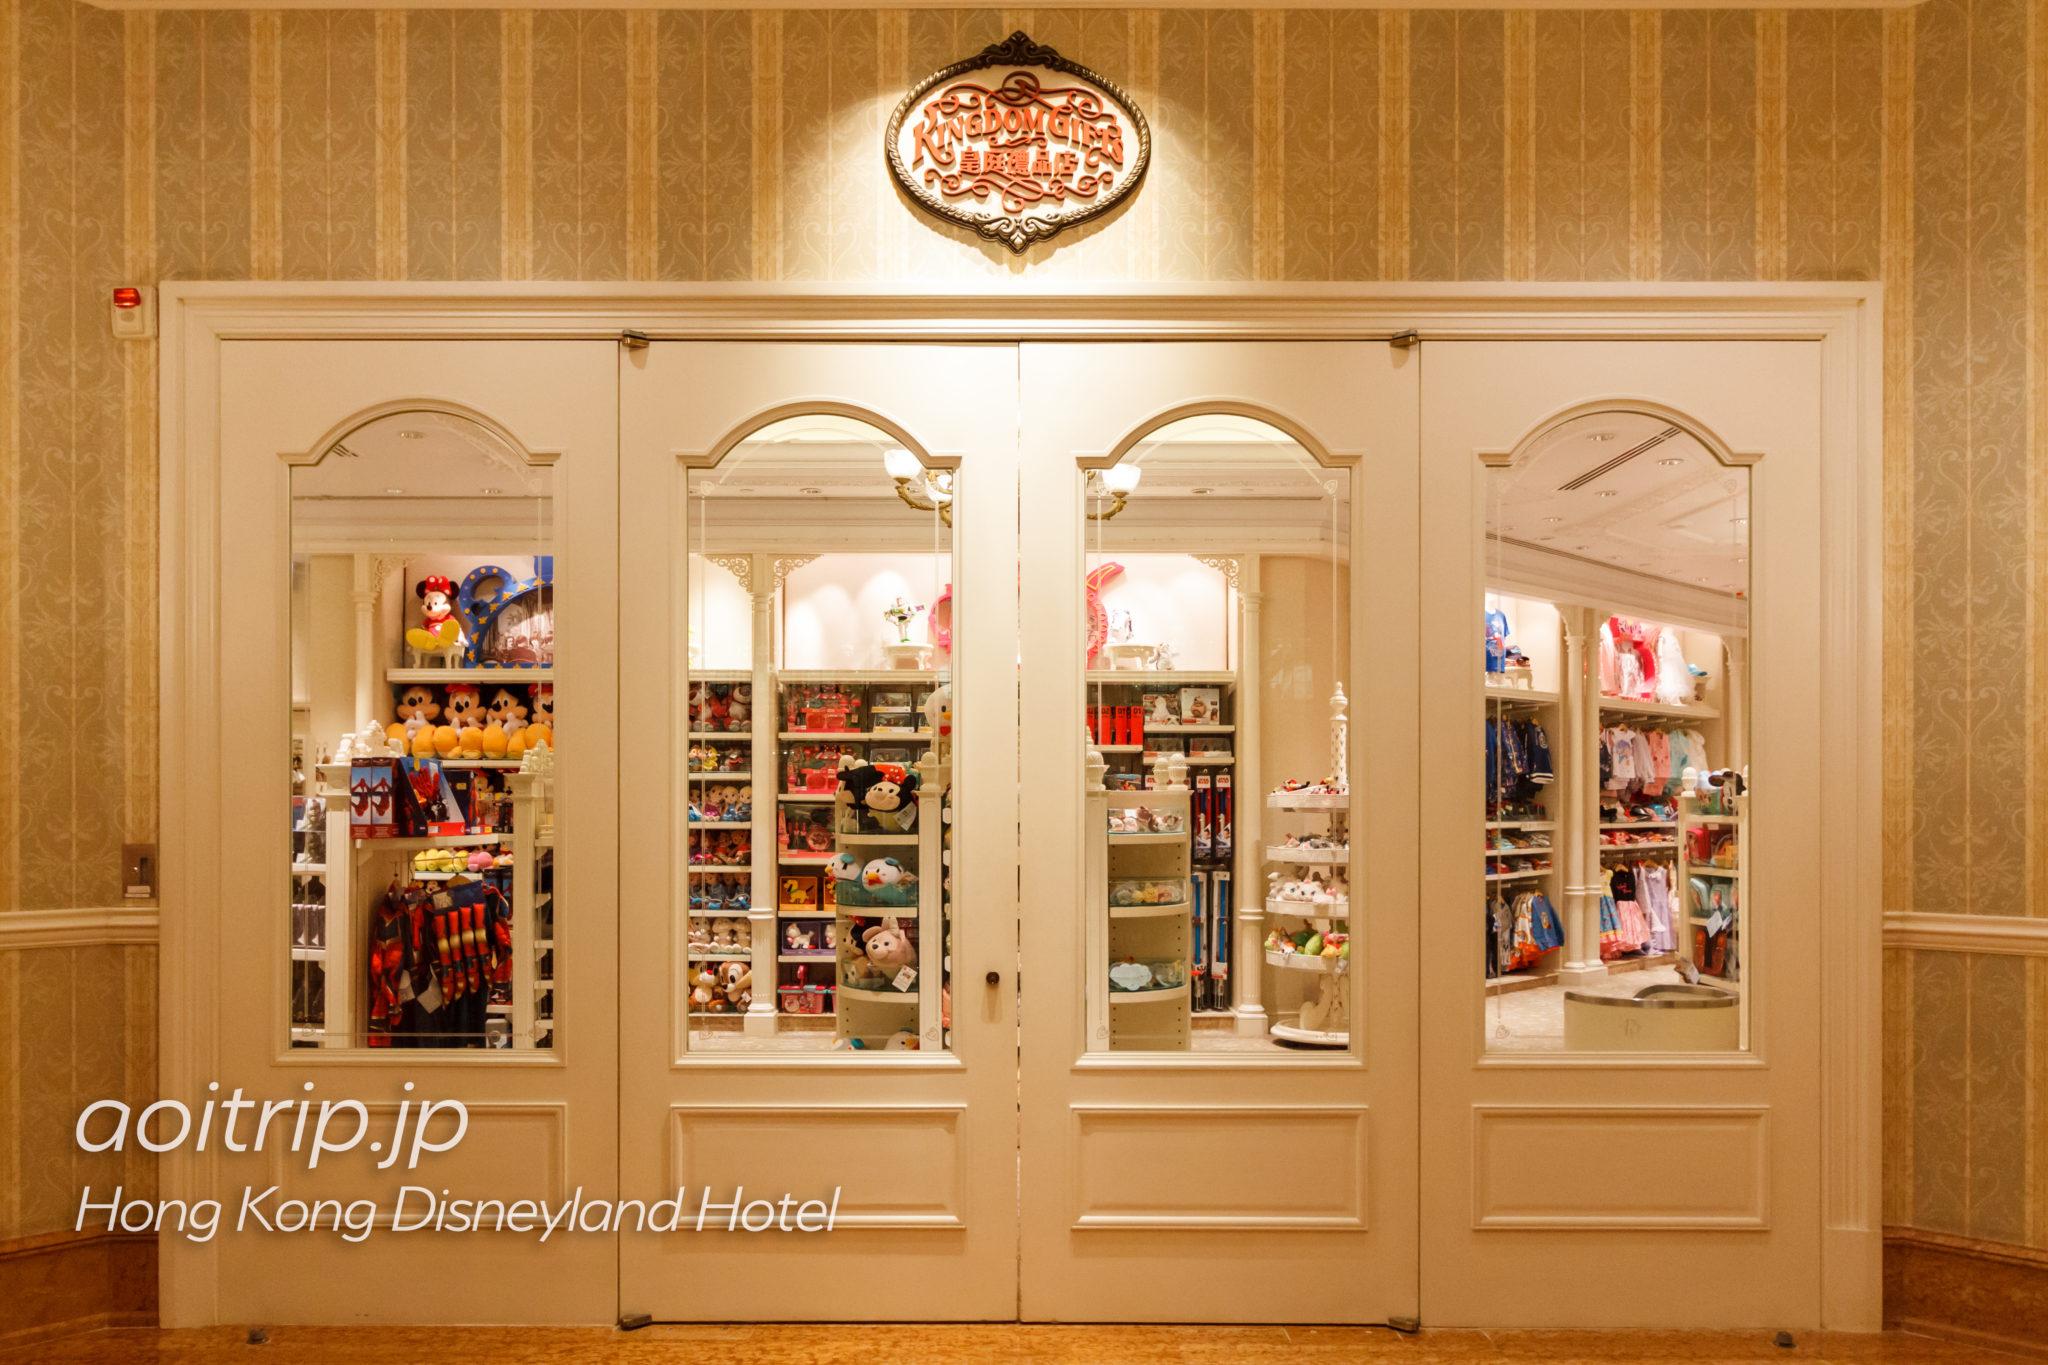 香港ディズニーランドホテルのお土産ショップ